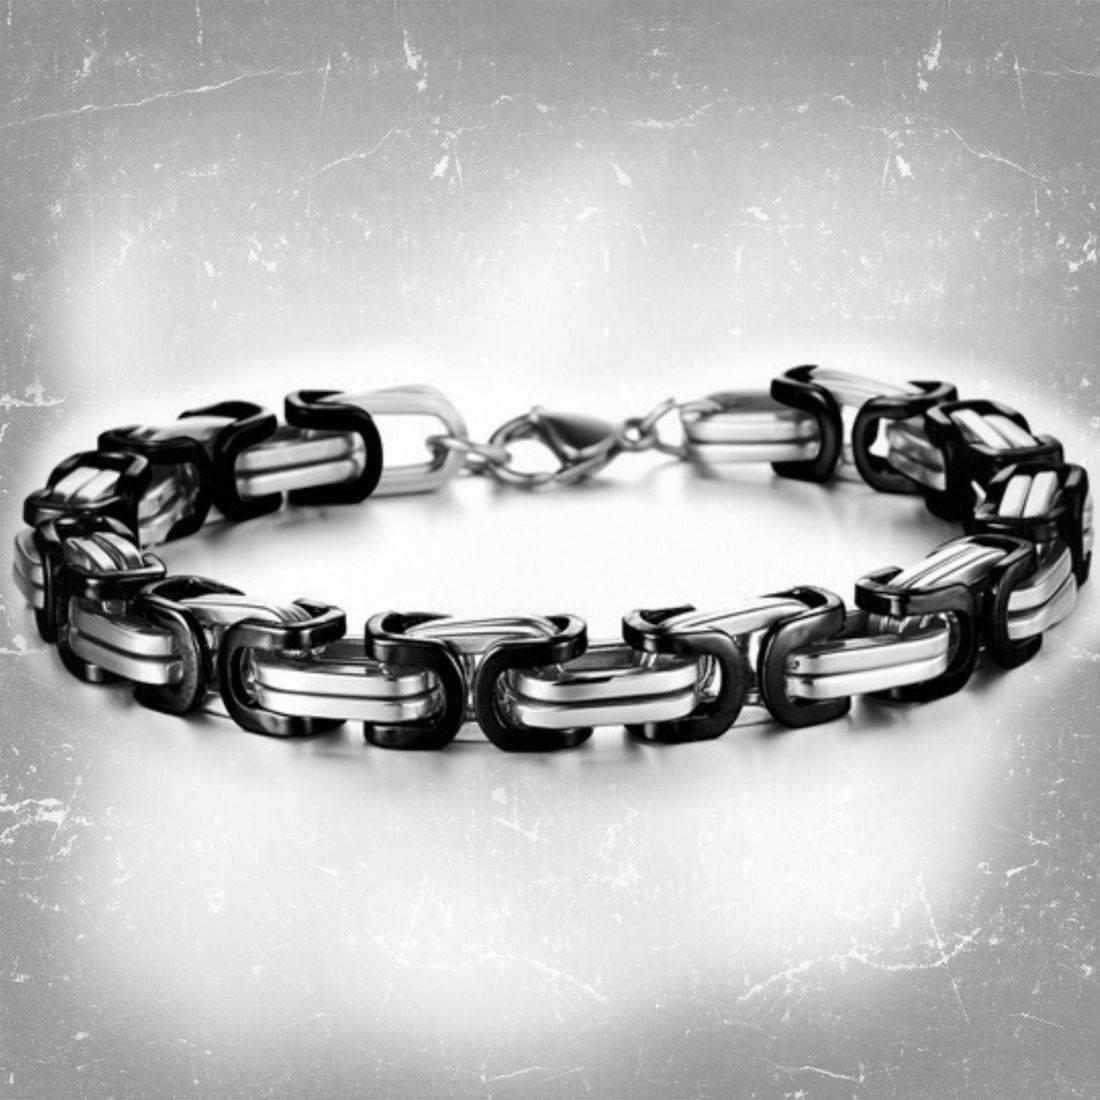 Biker Jewelry, Stainless Steel Jewelry, Mens Biker Jewelry, Women's Biker Jewelry, Ladies Jewelry, Biker Fashion Jewelry, Motorcycle Jewelry, Motorcycle Cuff, Motorcycle Bracelet, Biker Rings